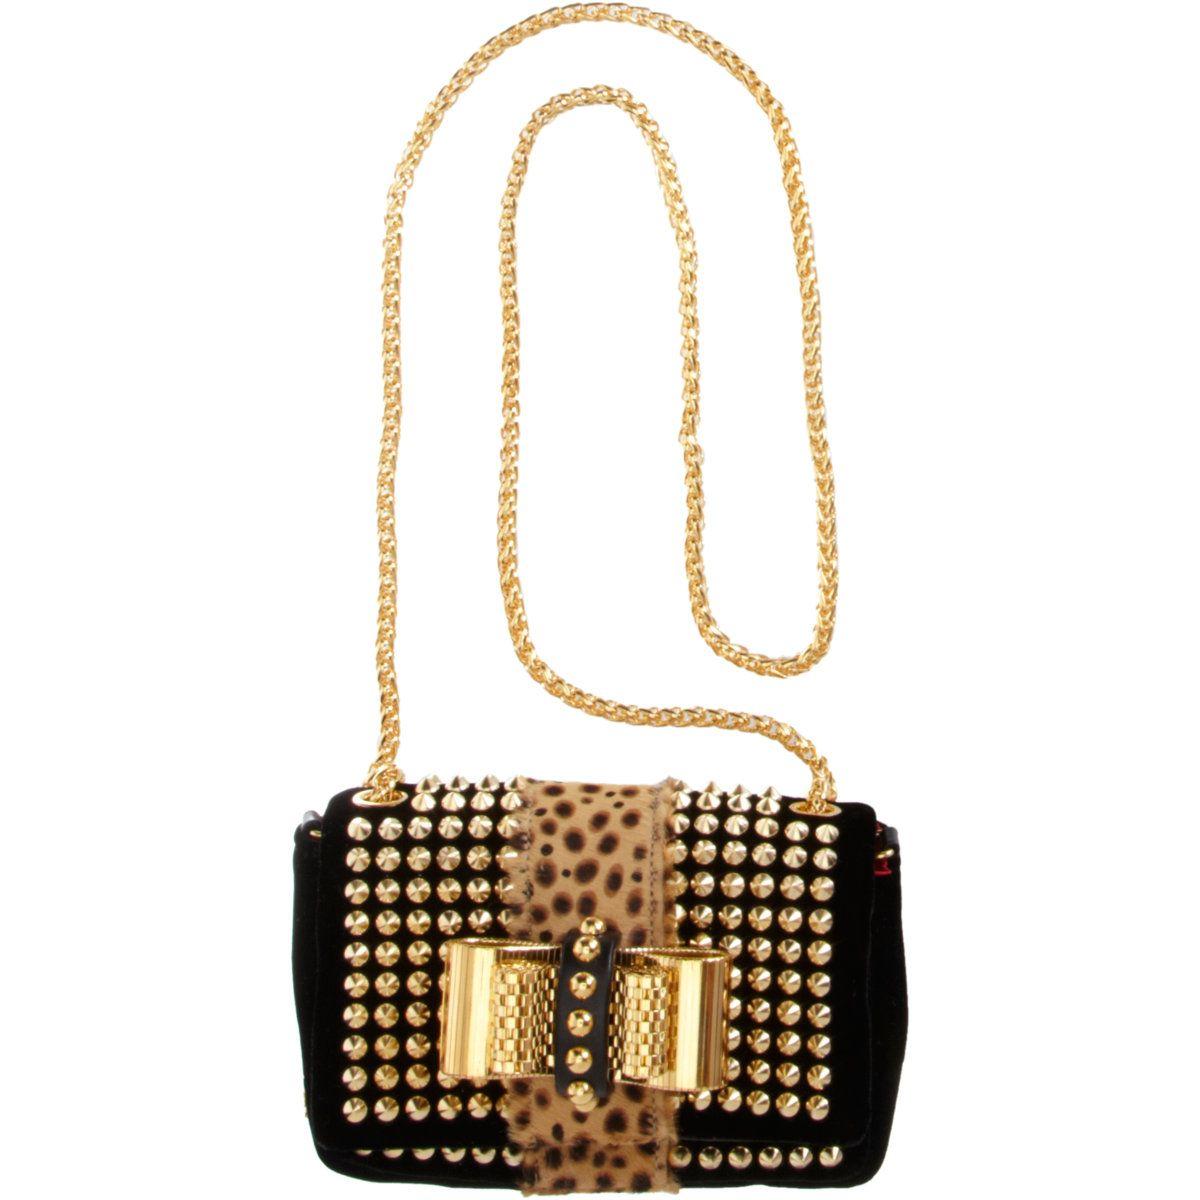 f6b29396cf1 Christian Louboutin Mini Sweet Charity Spikes Bag in Black (leopard ...